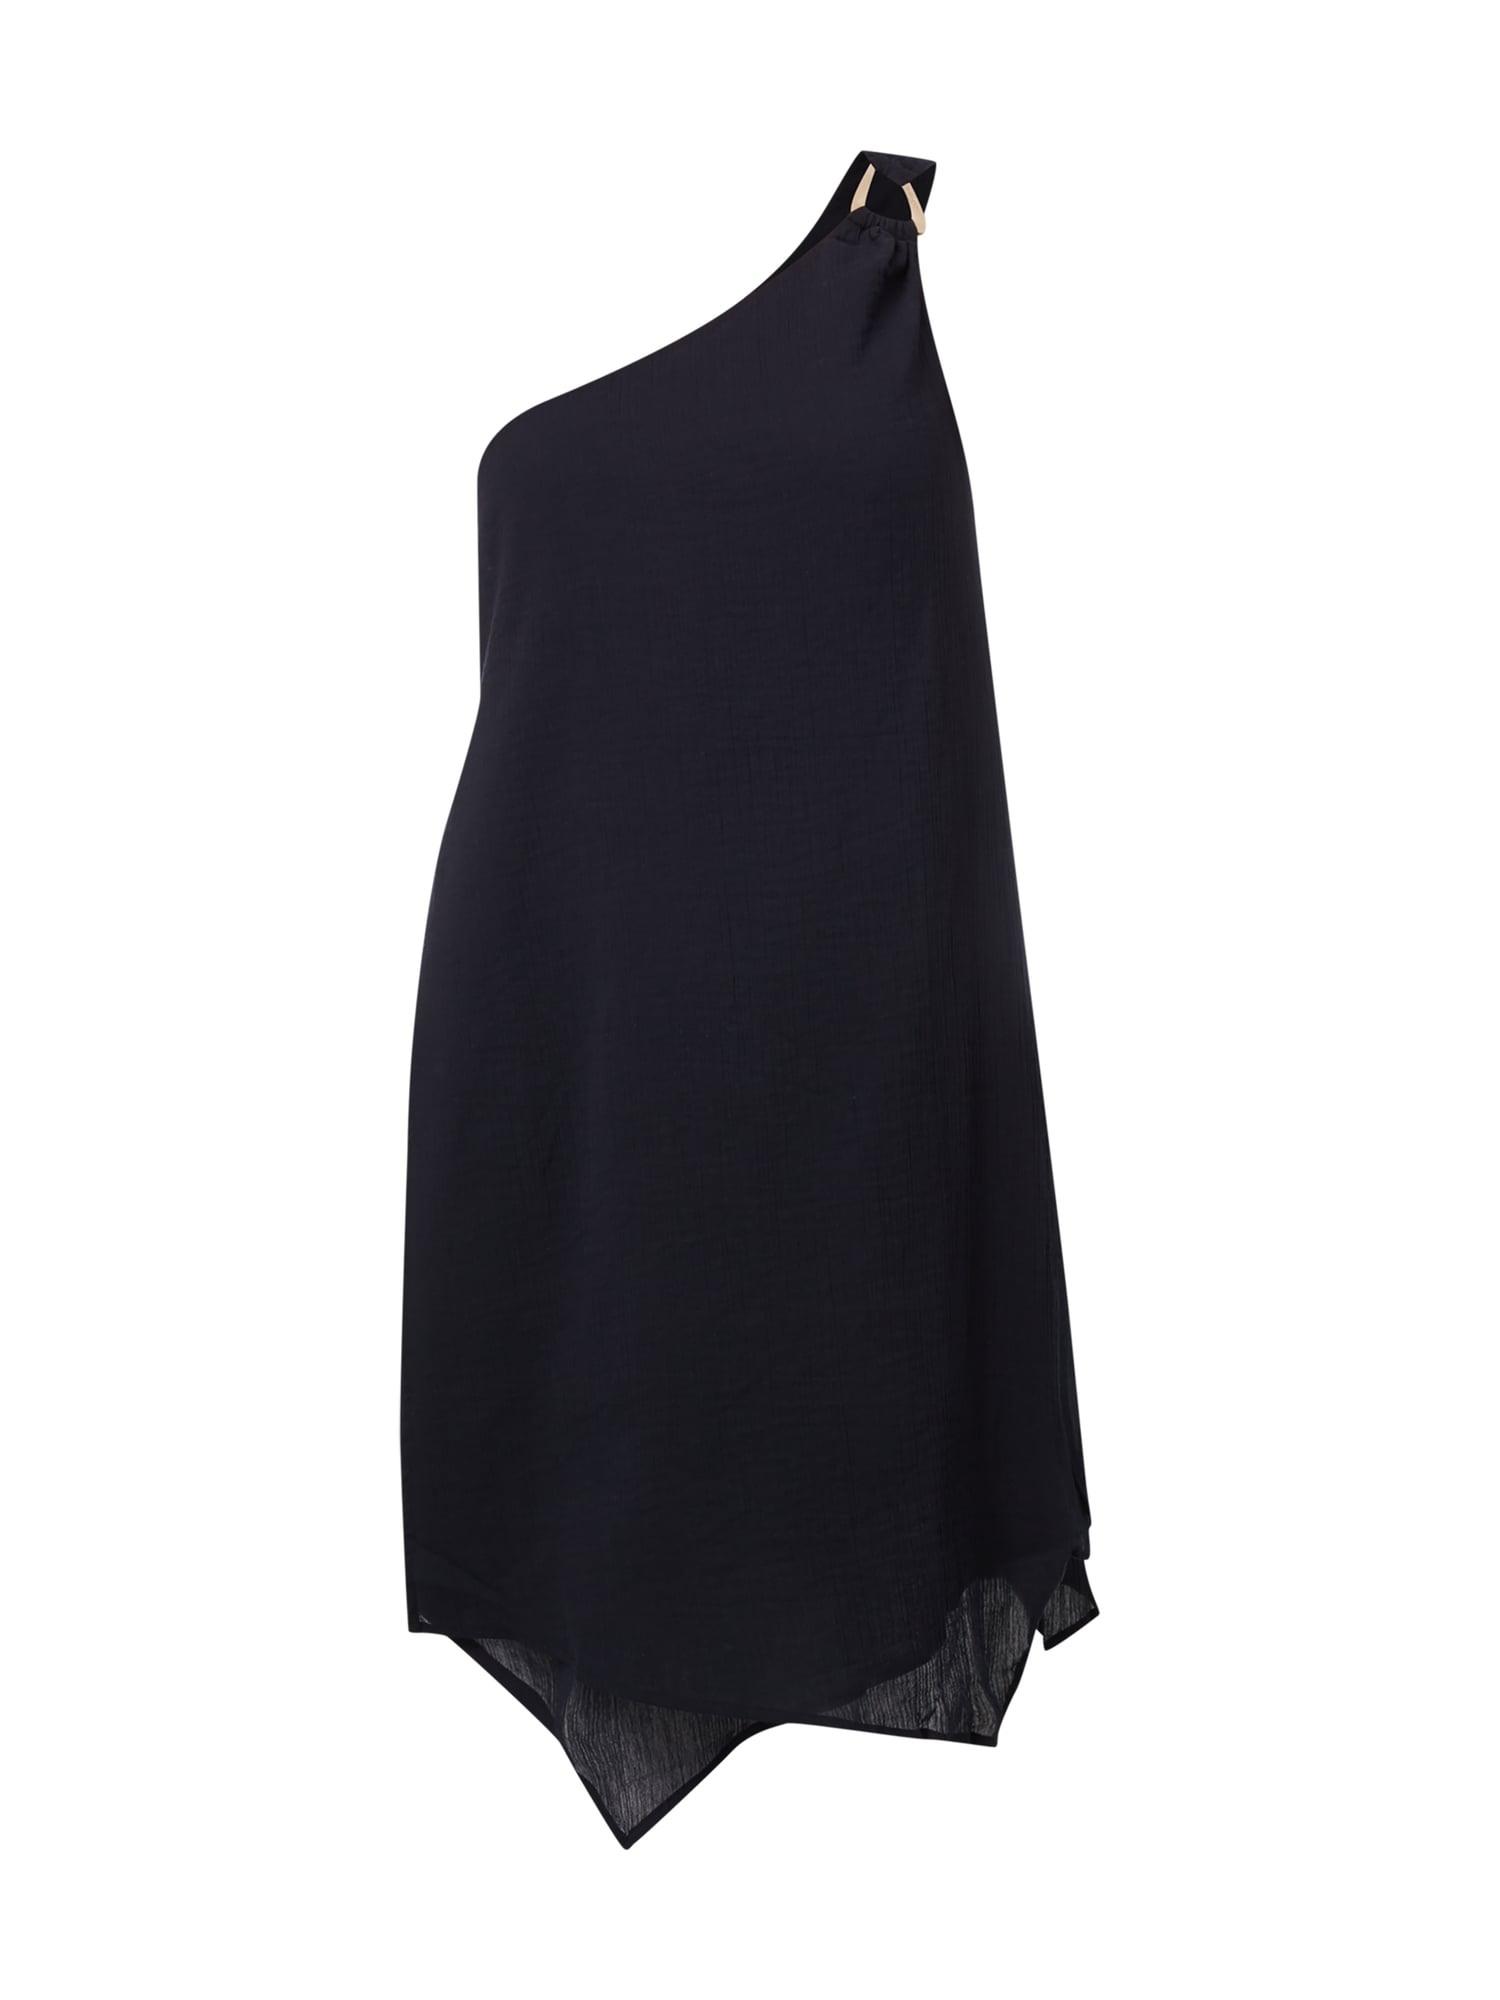 Erstaunlich Kleid Schwarz Baumwolle Design17 Kreativ Kleid Schwarz Baumwolle Boutique